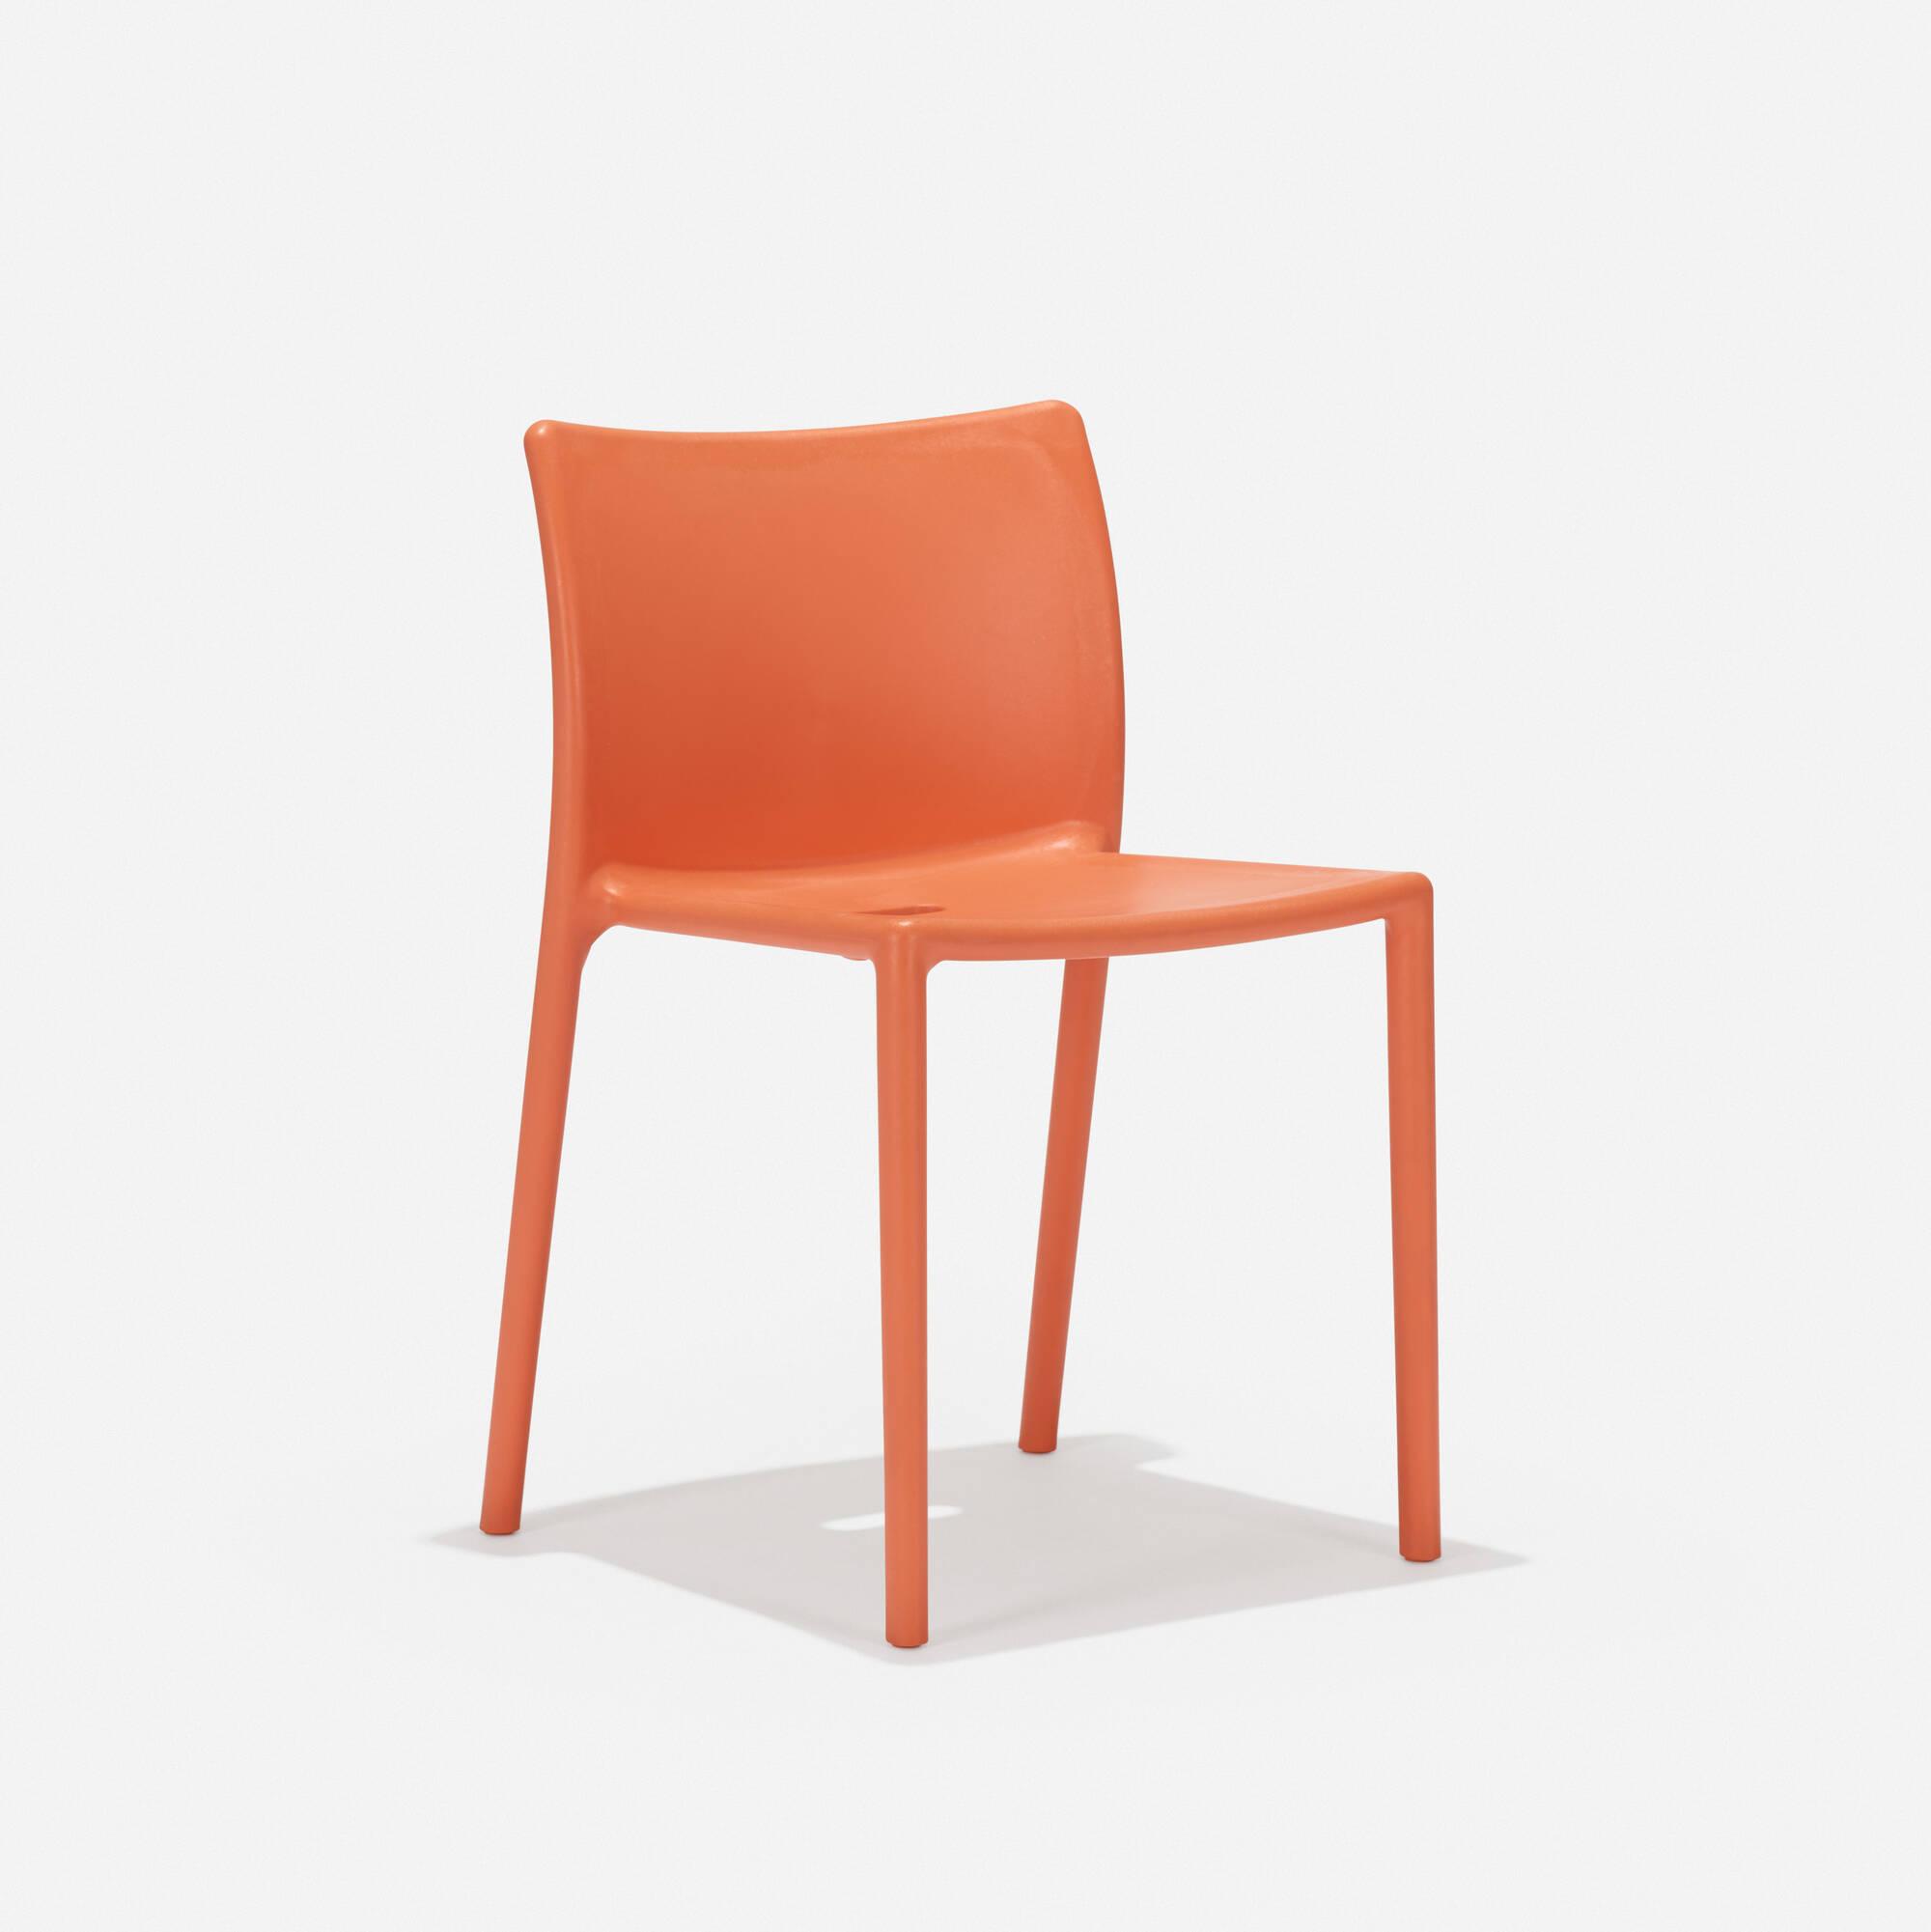 331: Jasper Morrison / Air chair (1 of 3)